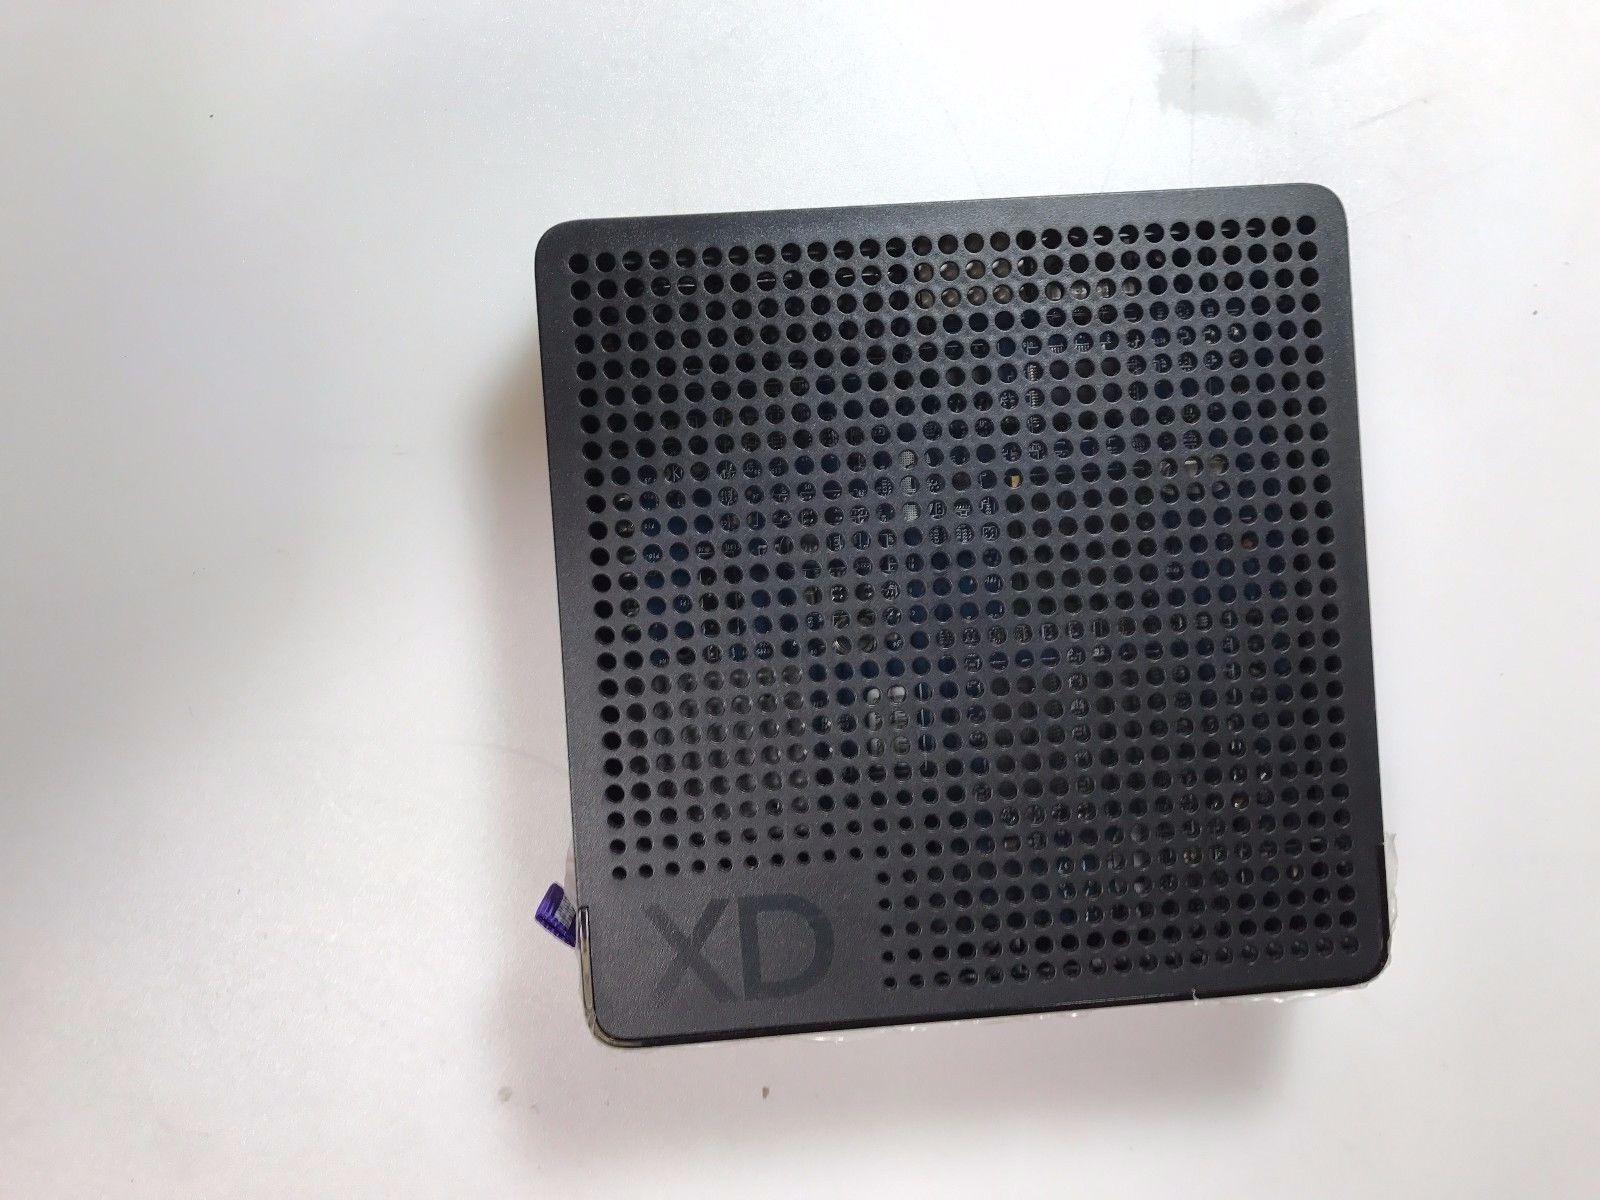 ROKU 3050x(roku-2-xd) Converter, Streaming Media